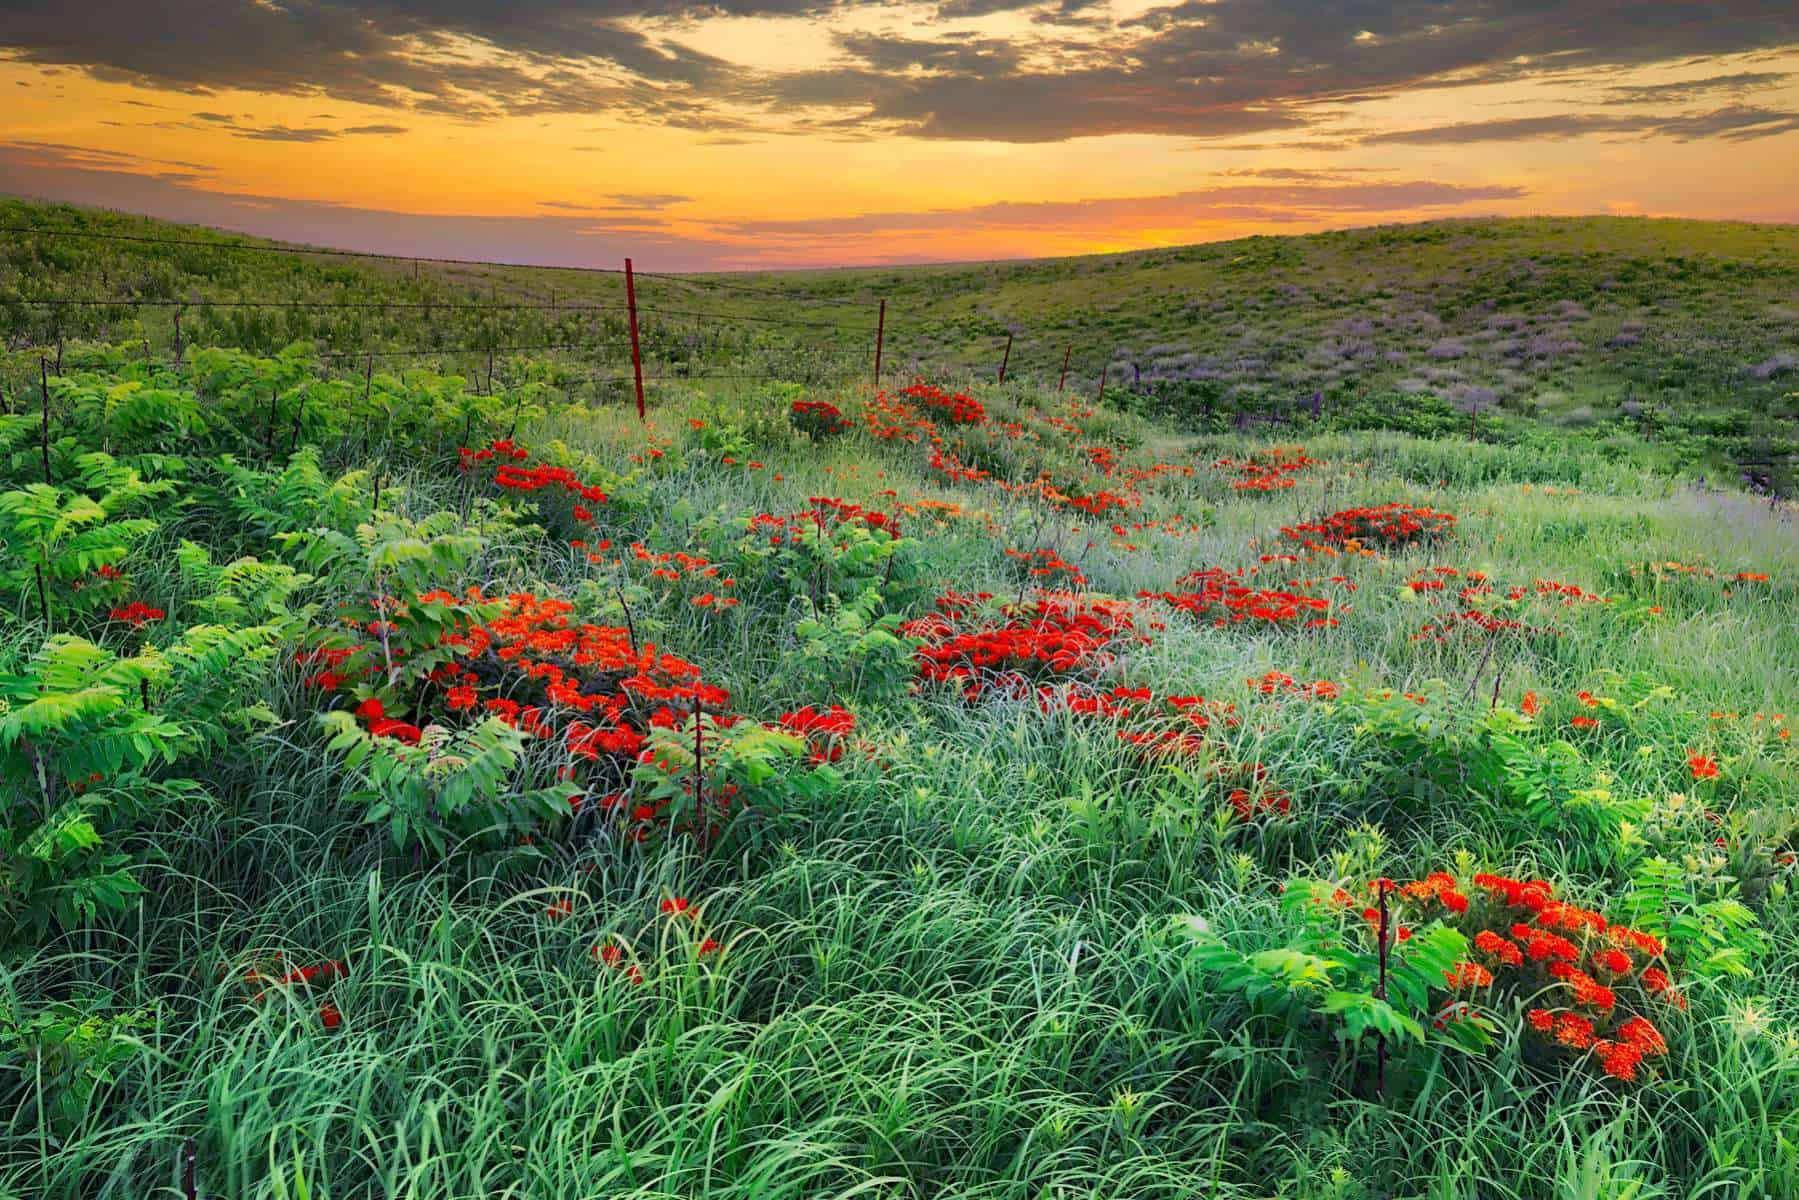 Tallgrass Prairies